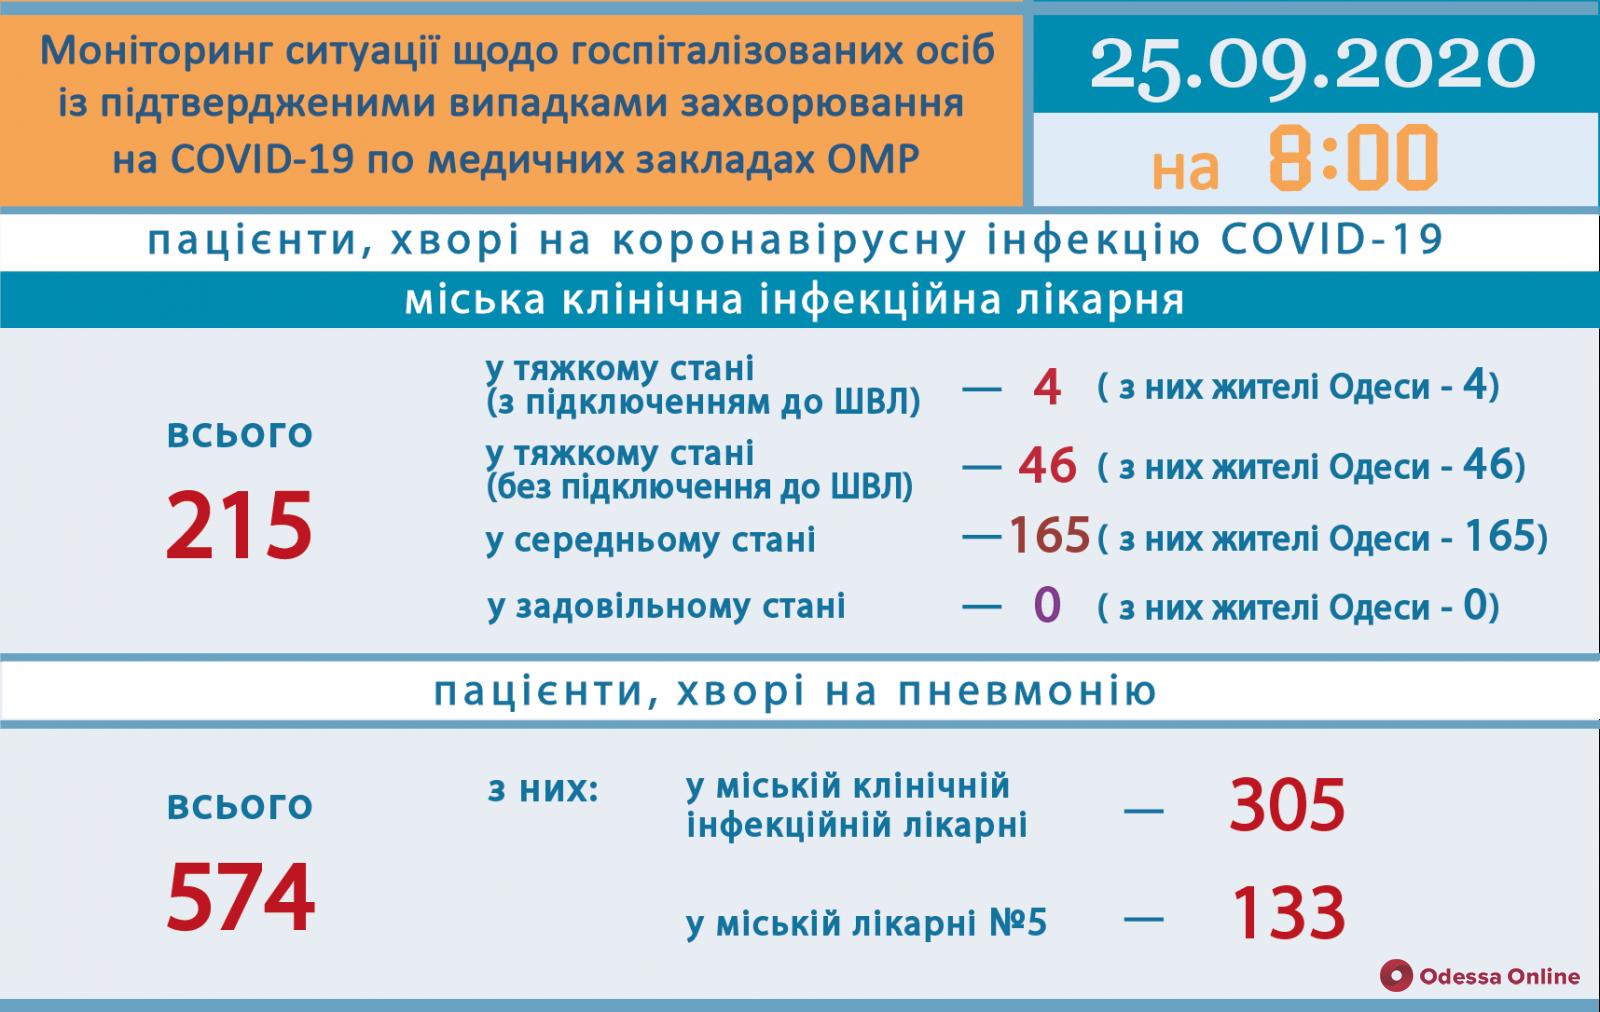 Одесса: в инфекционке 50 пациентов с COVID-19 находятся в тяжелом состоянии